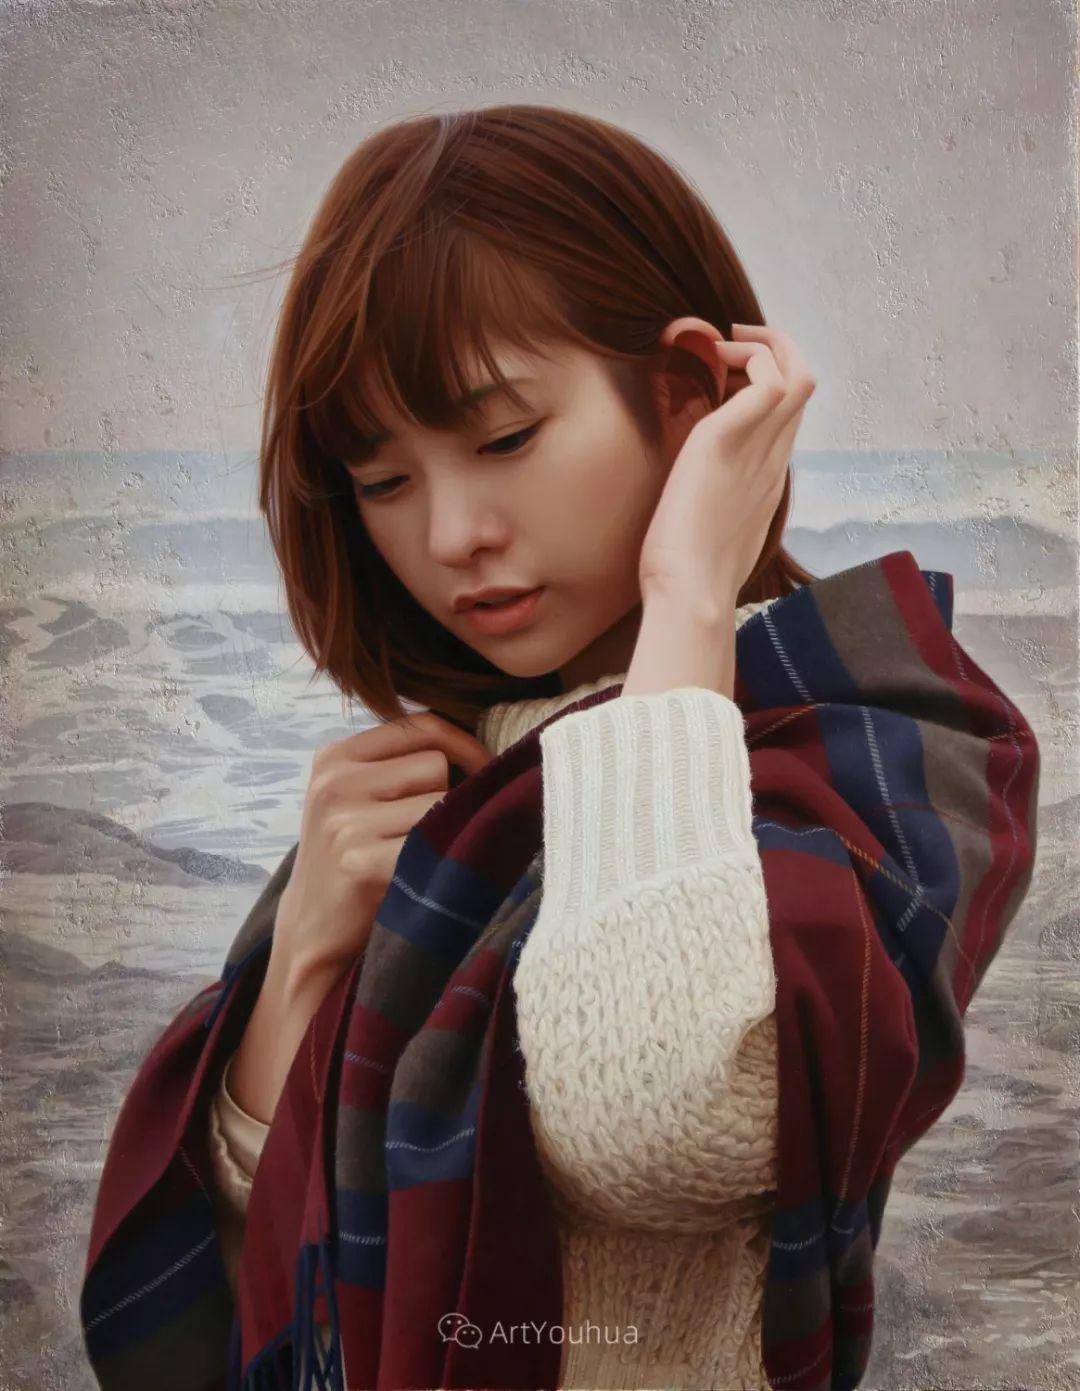 女性的气质美,极致的温柔与梦幻般的意境插图133